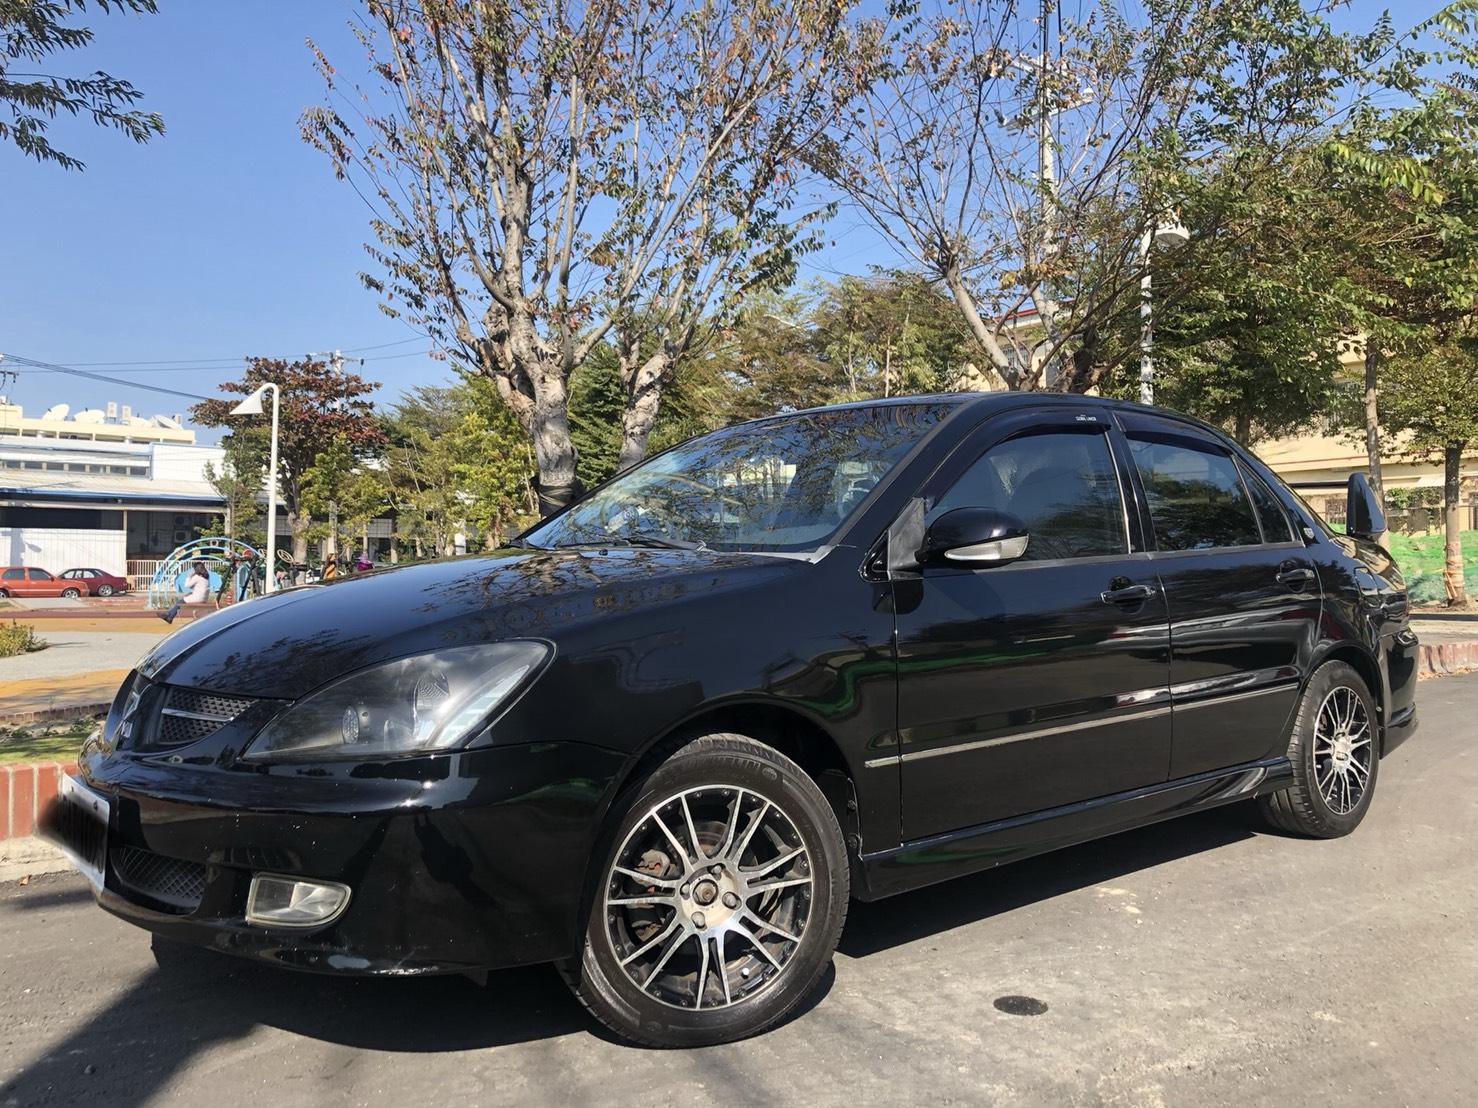 2007 Mitsubishi 三菱 Lancer io